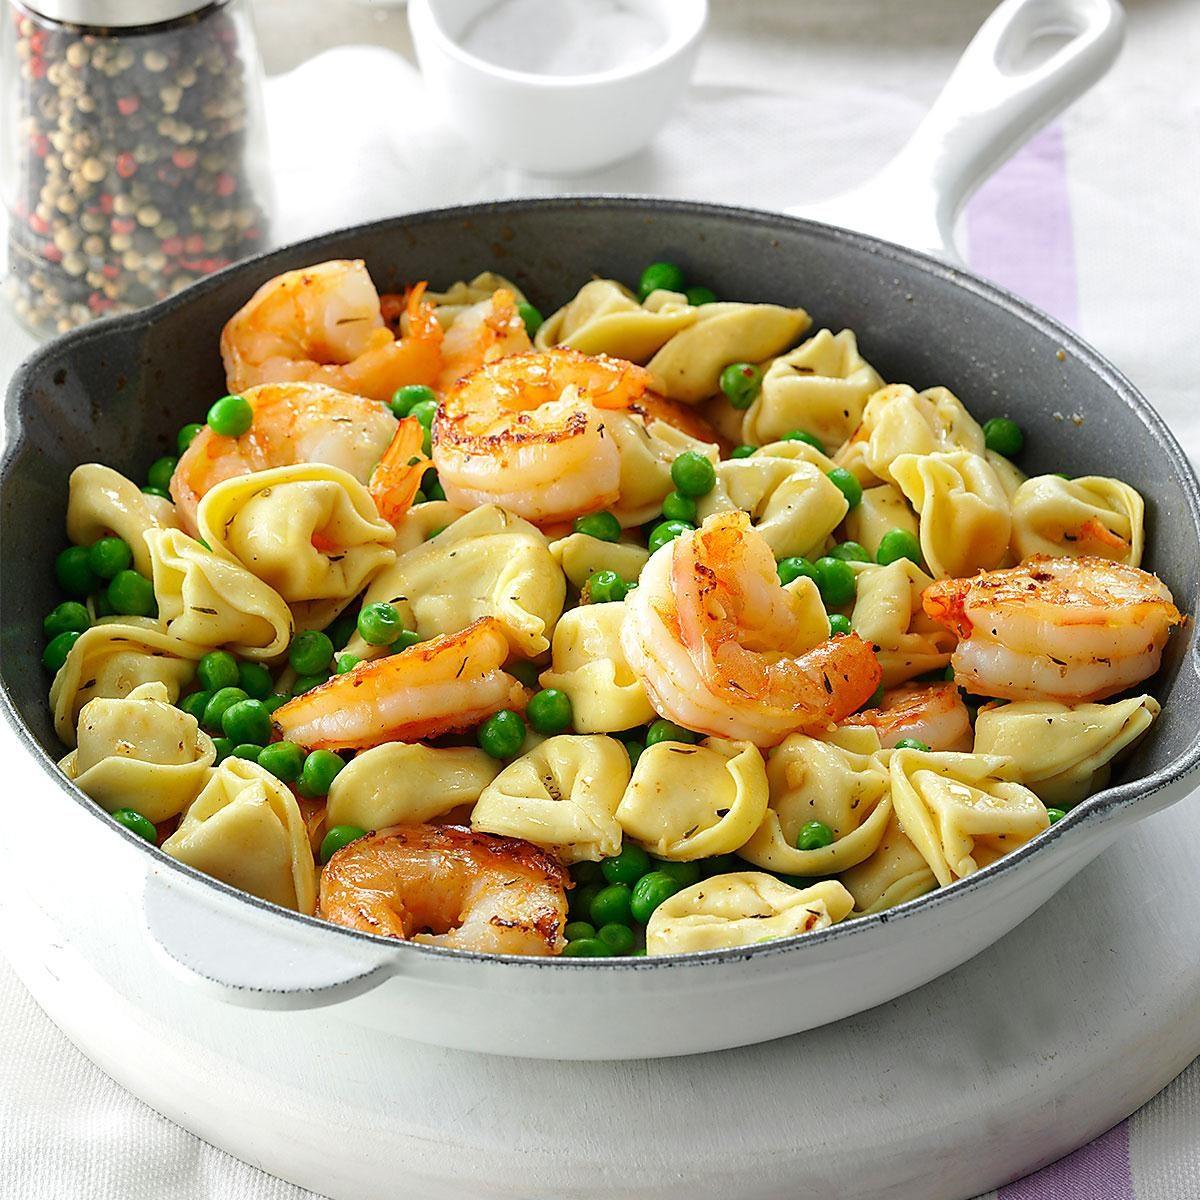 Shrimp tortellini pasta toss recipe taste of home How to make healthy soup for dinner